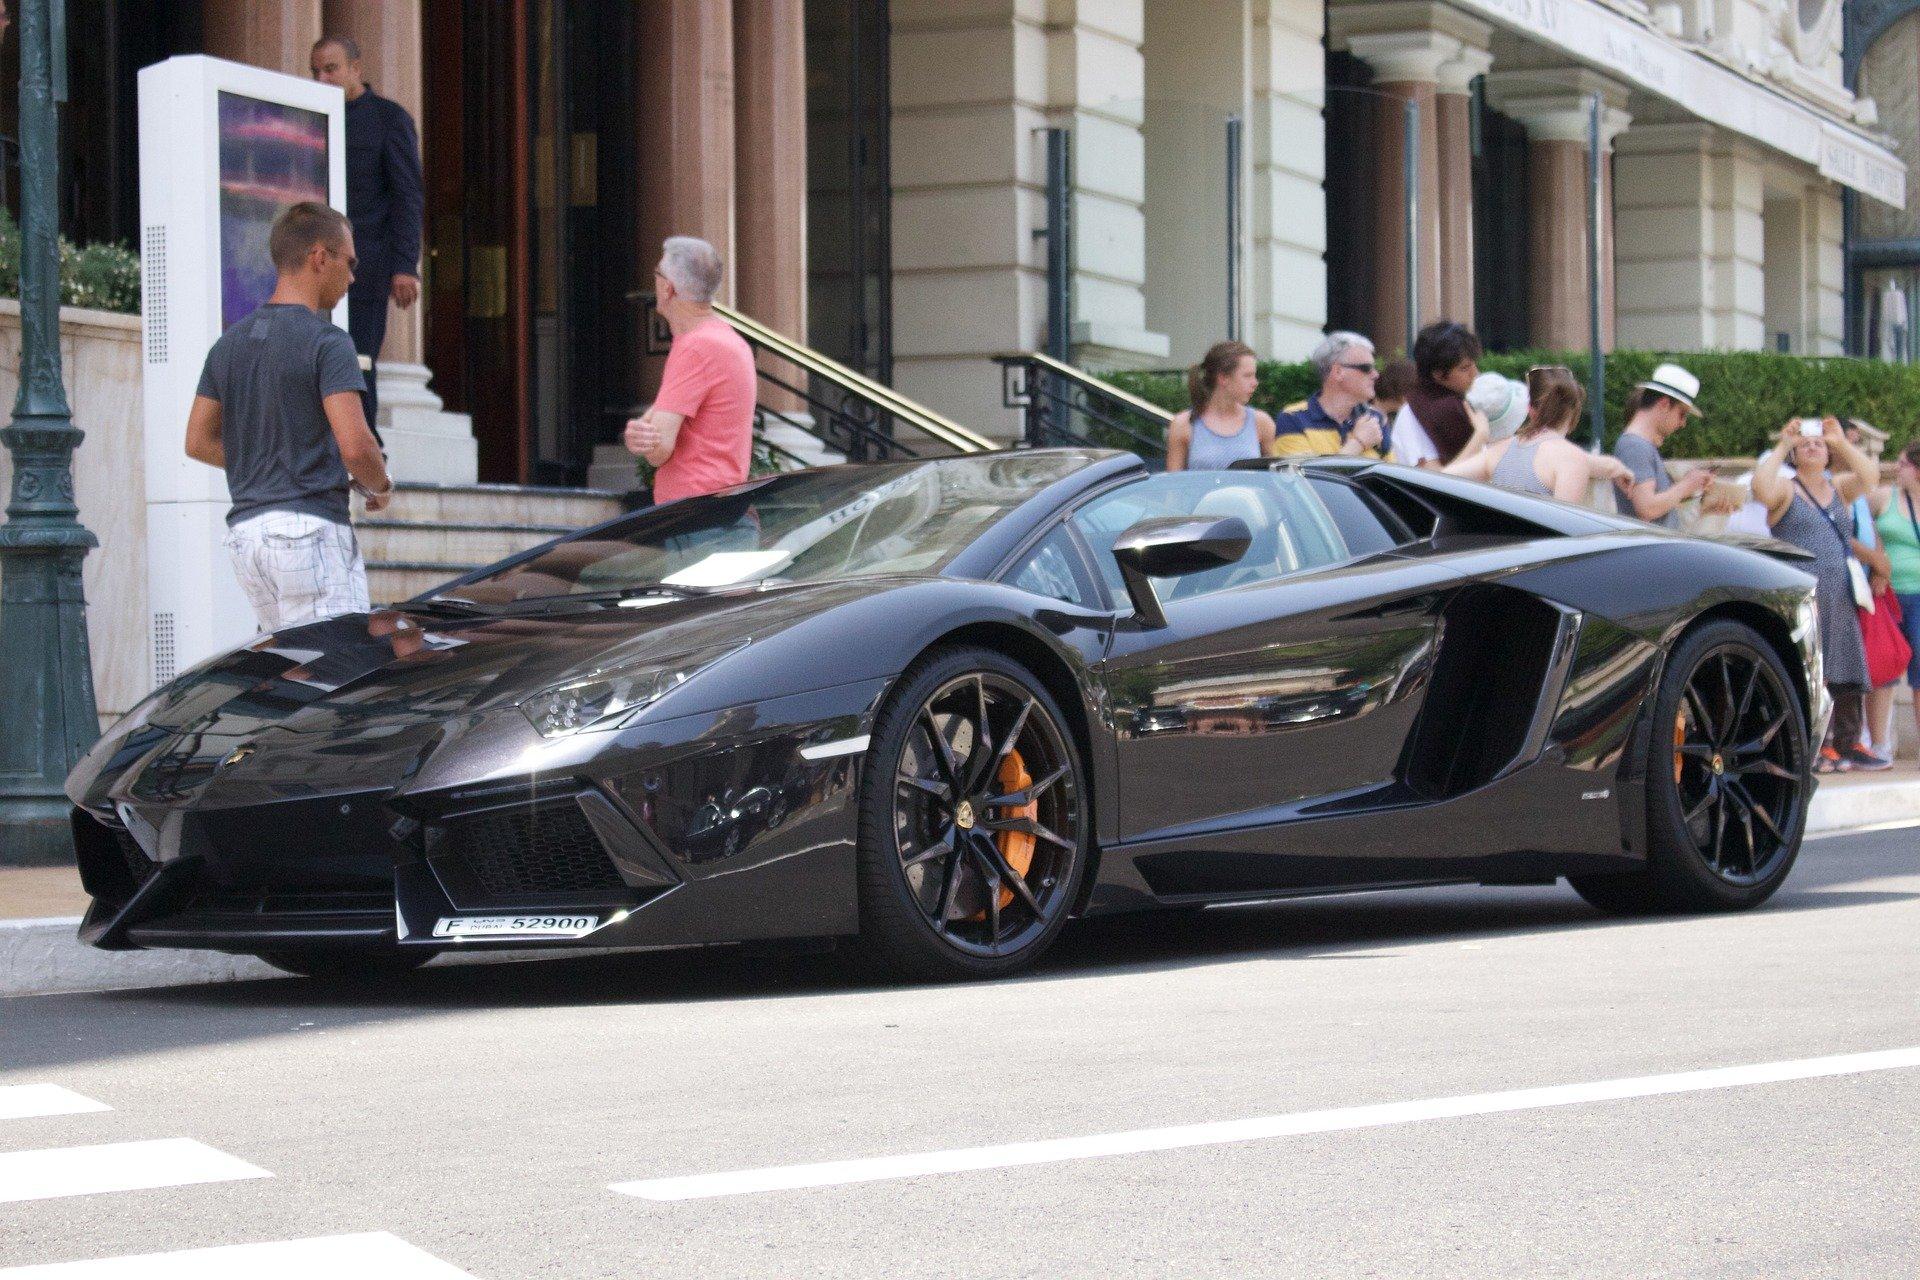 Acheter une Lamborghini comme investissement: Top10 des modèles de Lamborghini les plus chers